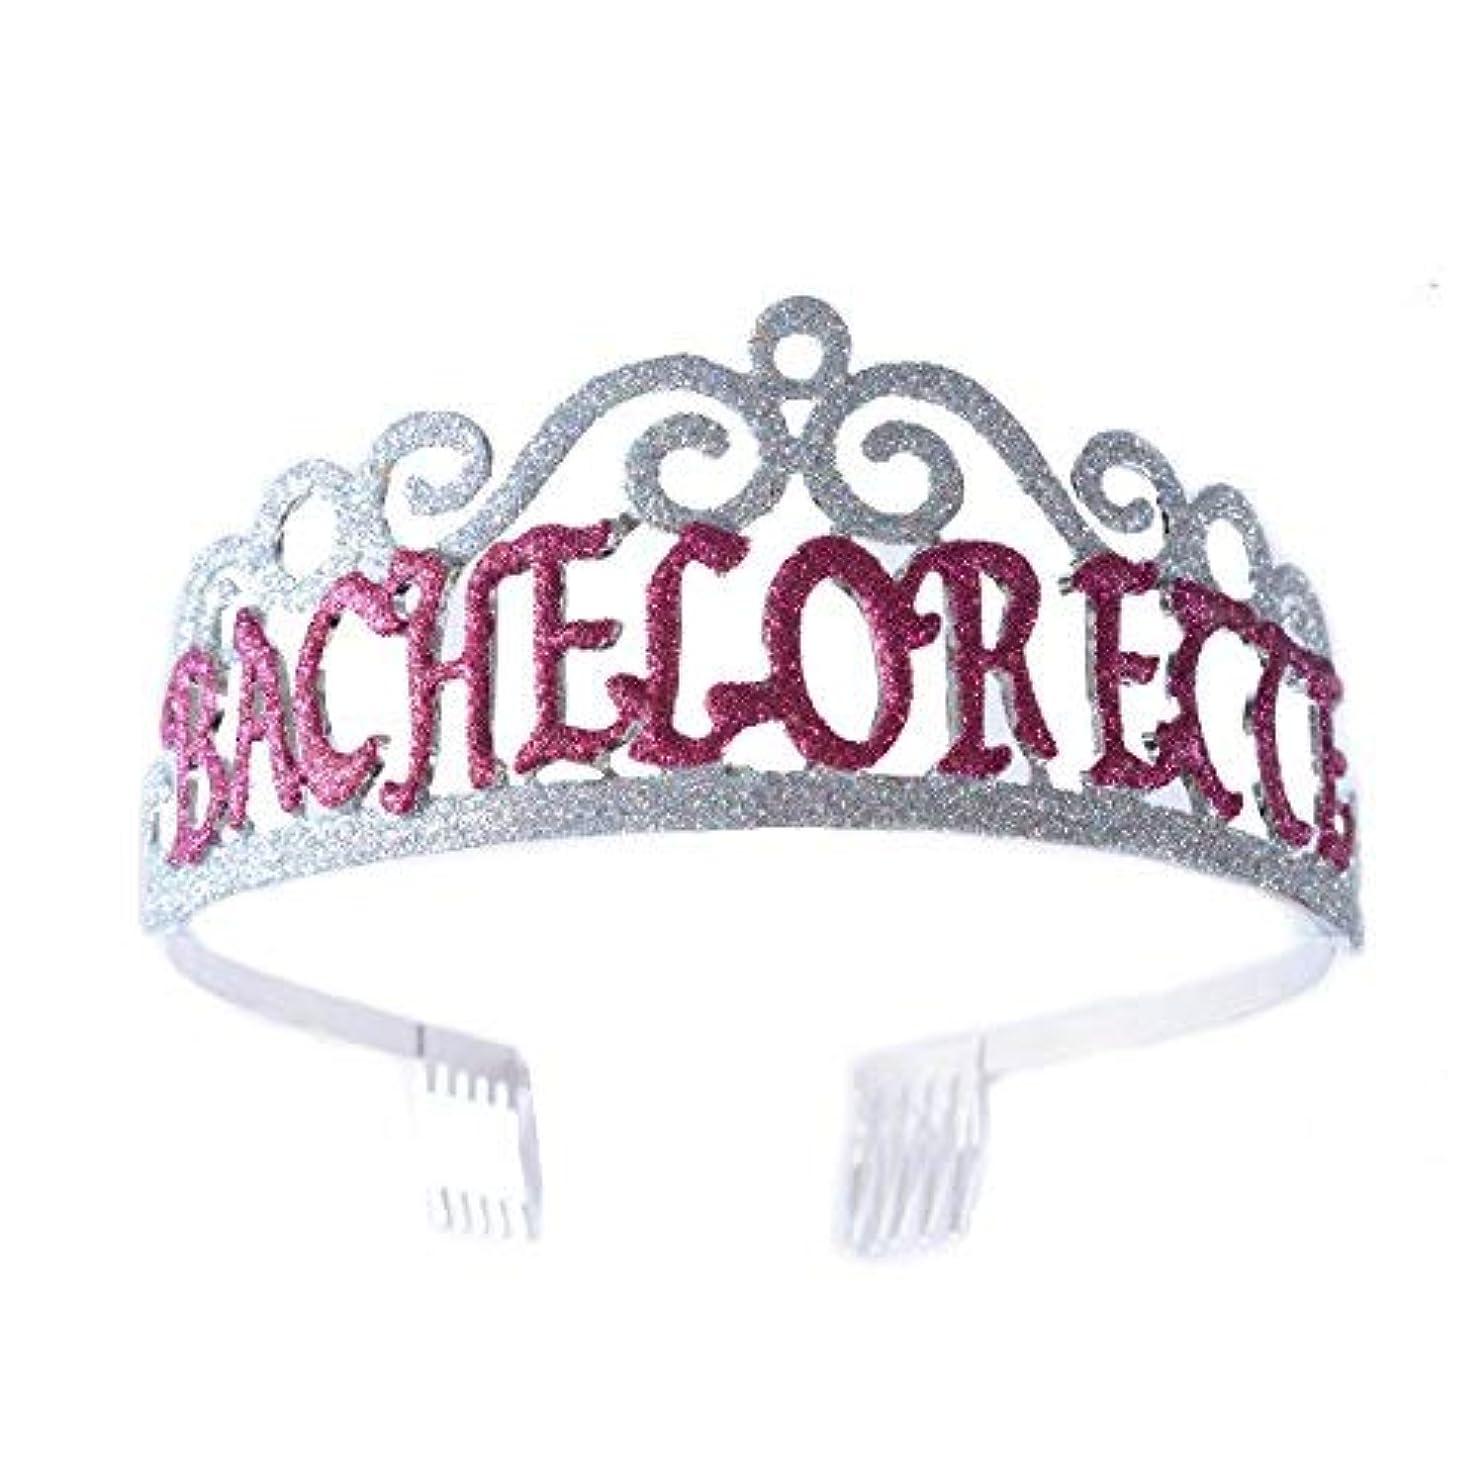 忠実に刃を除くFF Bachelorette Tiara Glittered Metal Combs with Silver AB Sequins [並行輸入品]